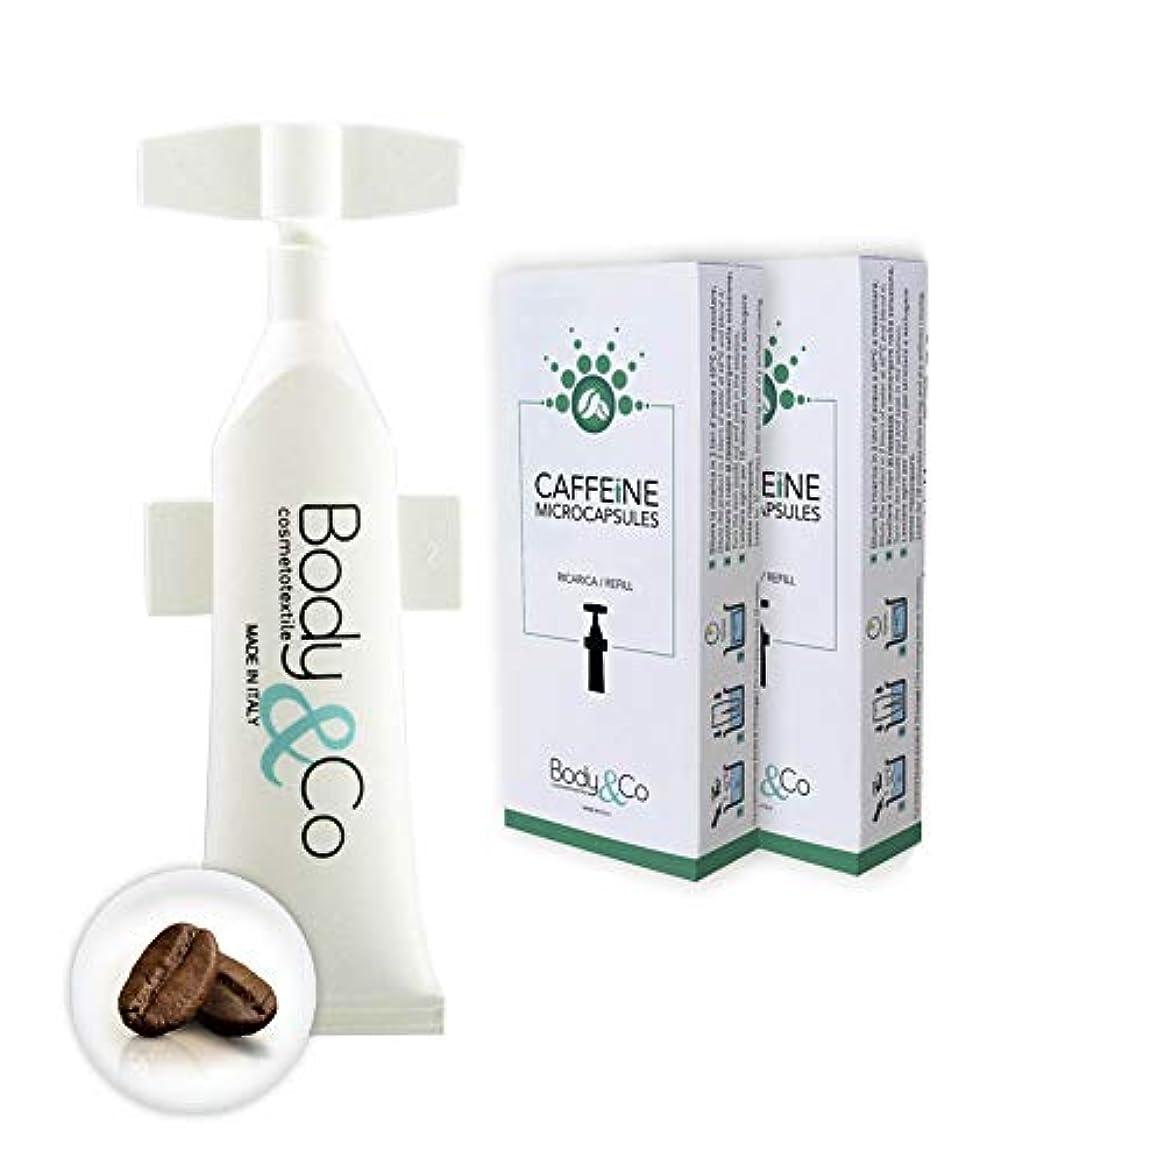 以上文化異議Body&Co Cosmetic Refill 10 ml Caffeine (CAFFEINE 10 ML, 2 REFILLS 10 ML)